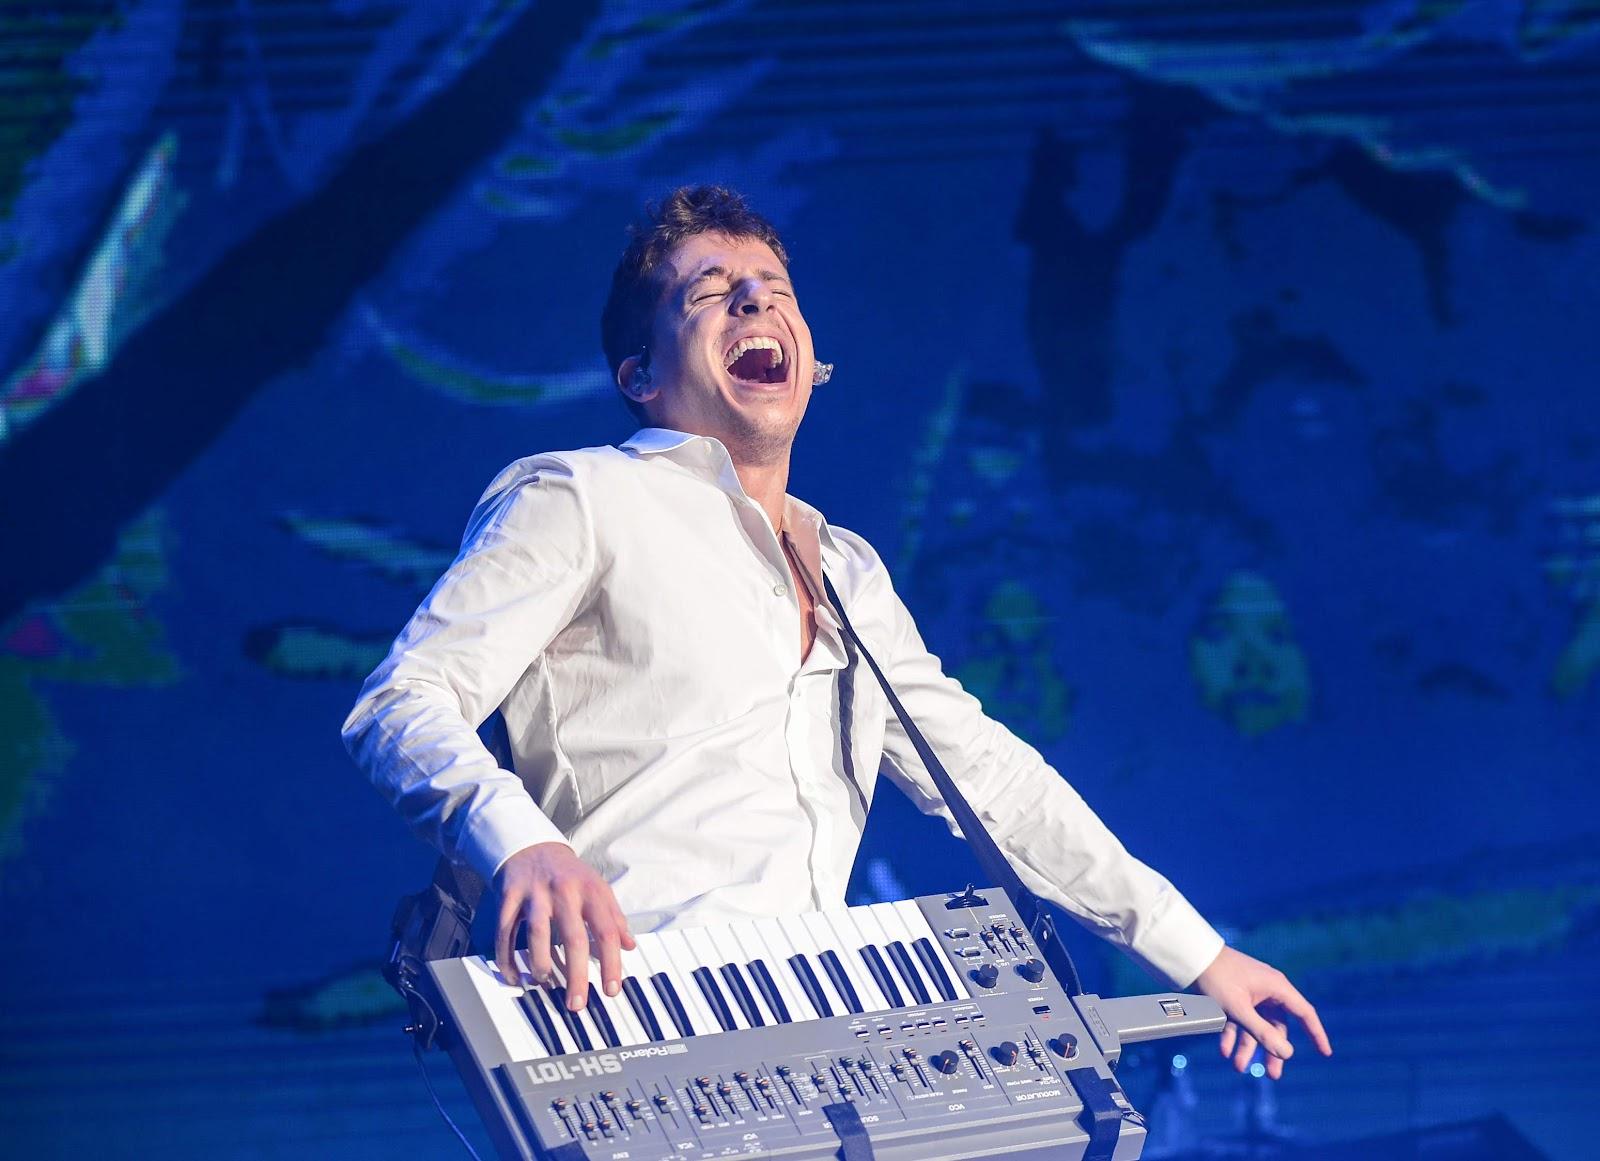 【迷迷現場】CP查理 CHARLIE PUTH 二度攻台開唱 熱唱破億神曲HIGH翻近萬歌迷